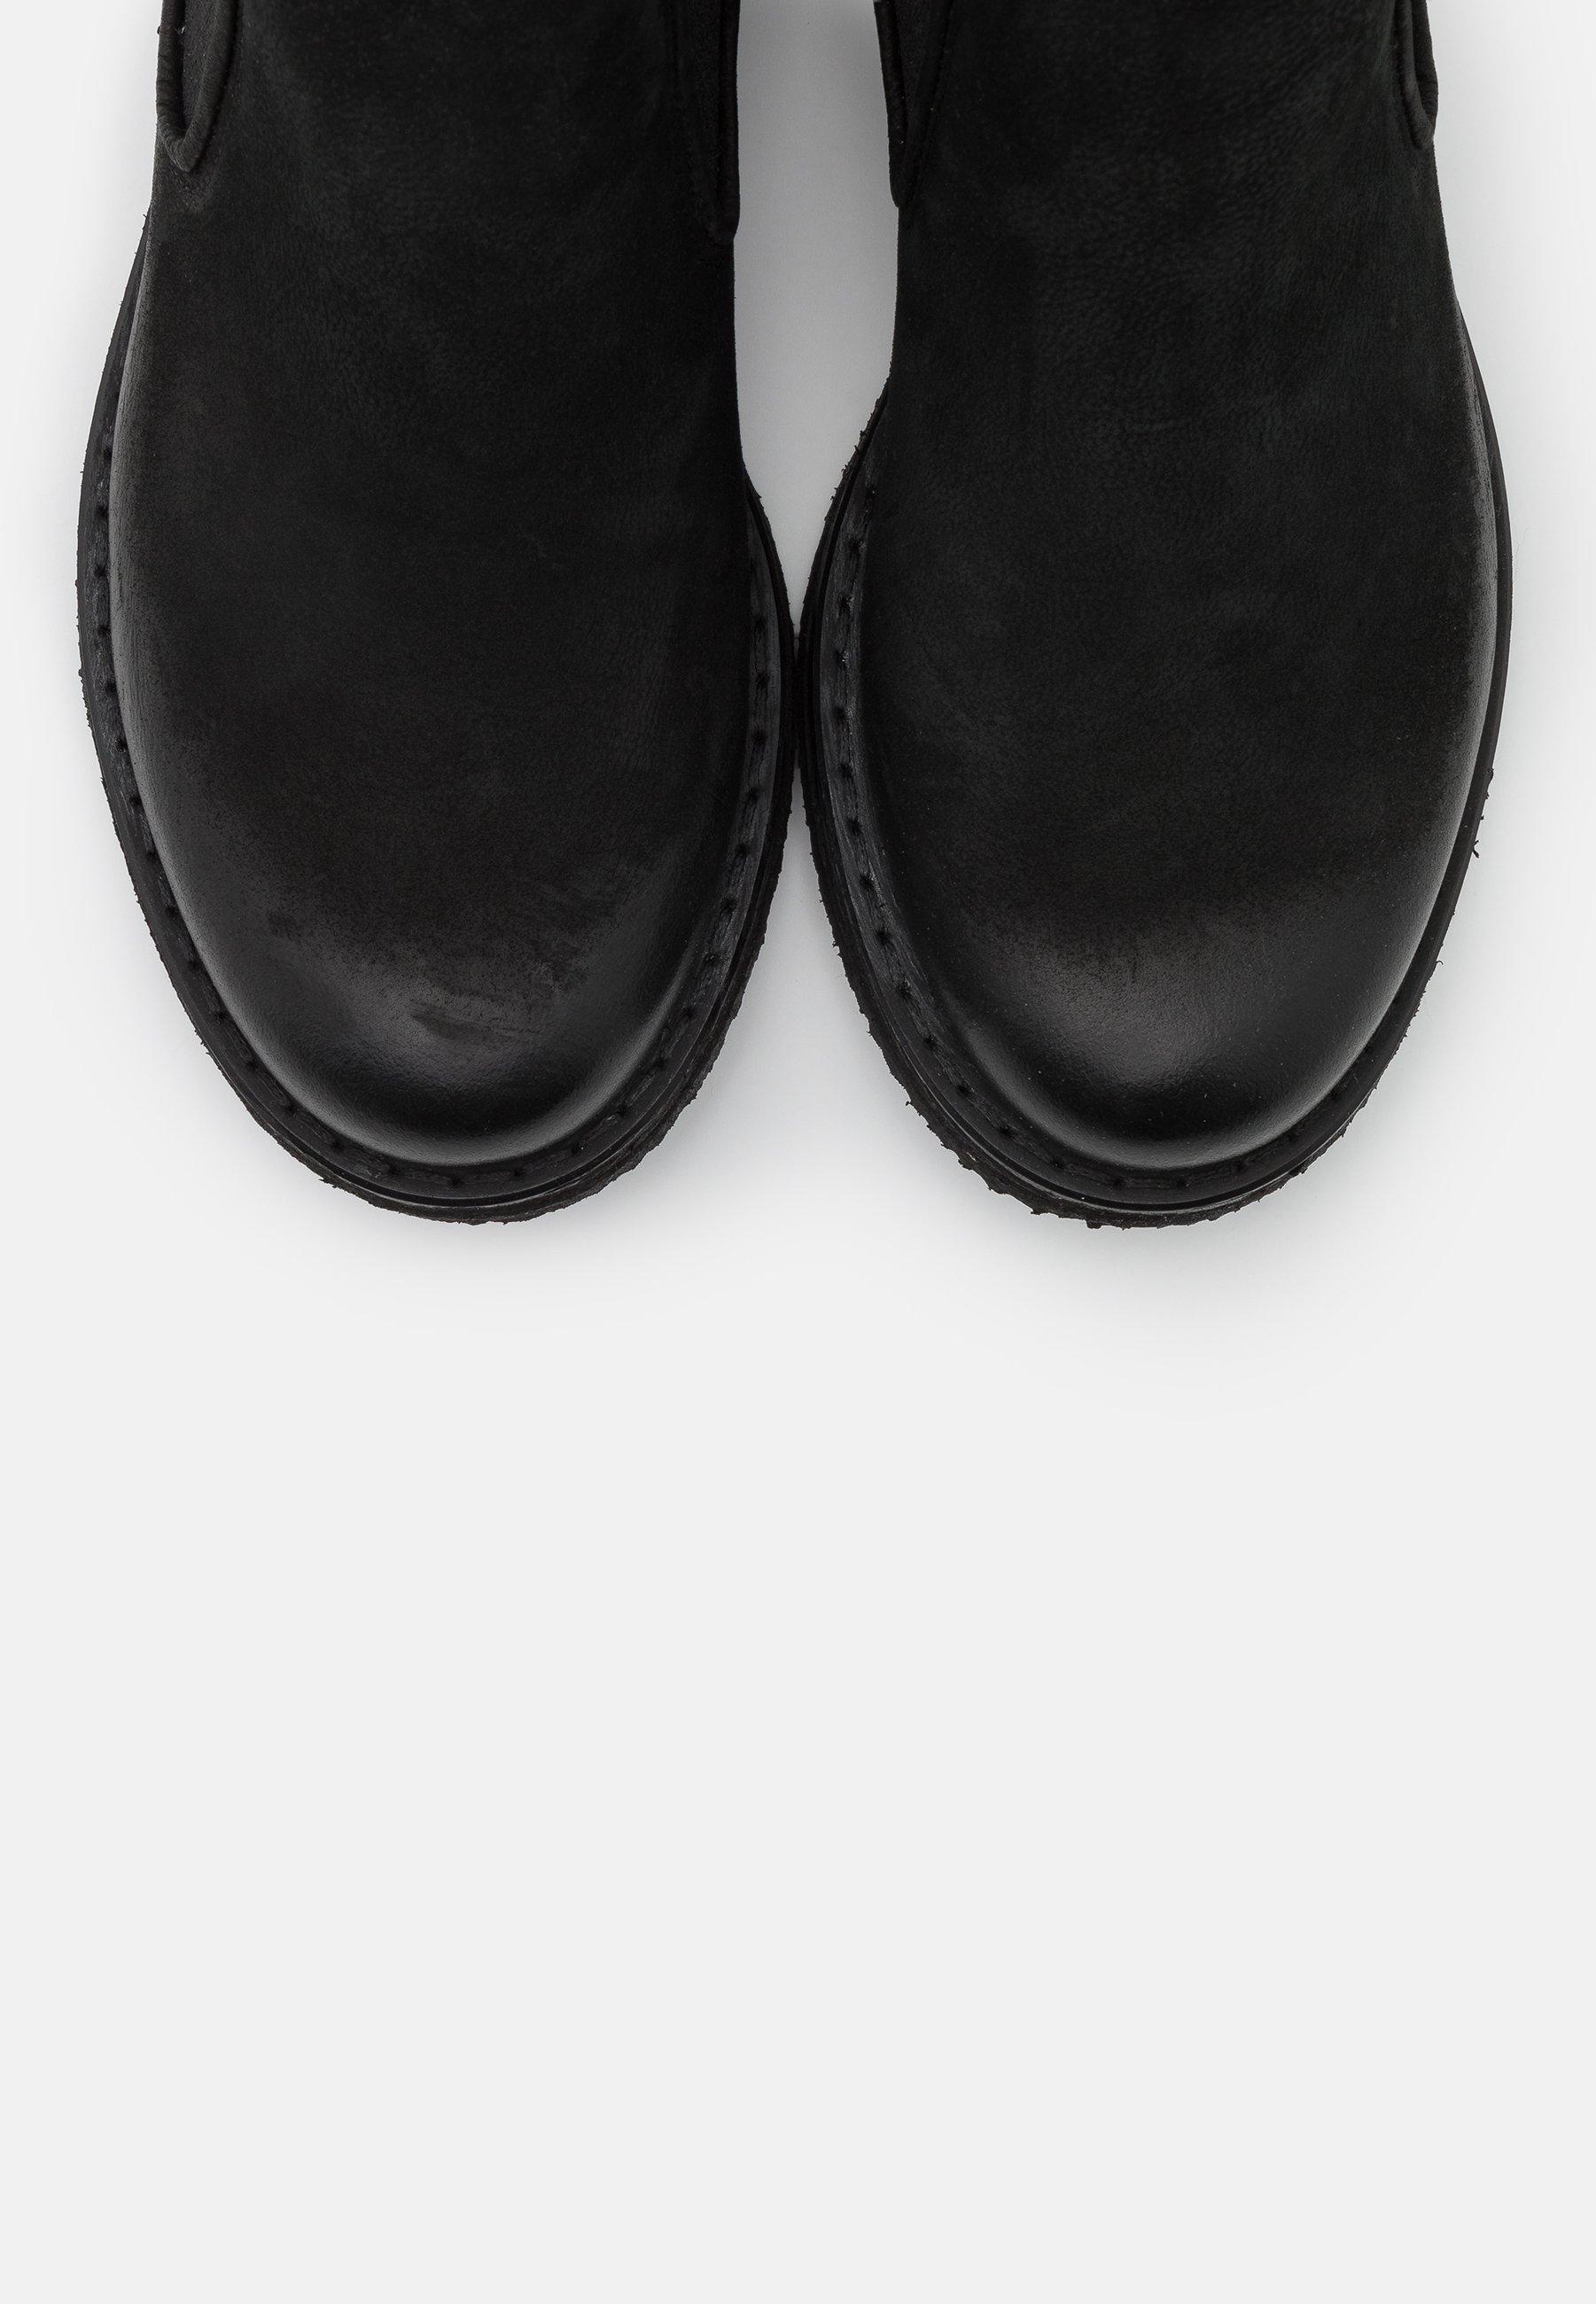 Felmini Cooper - Støvletter Morat Black/svart